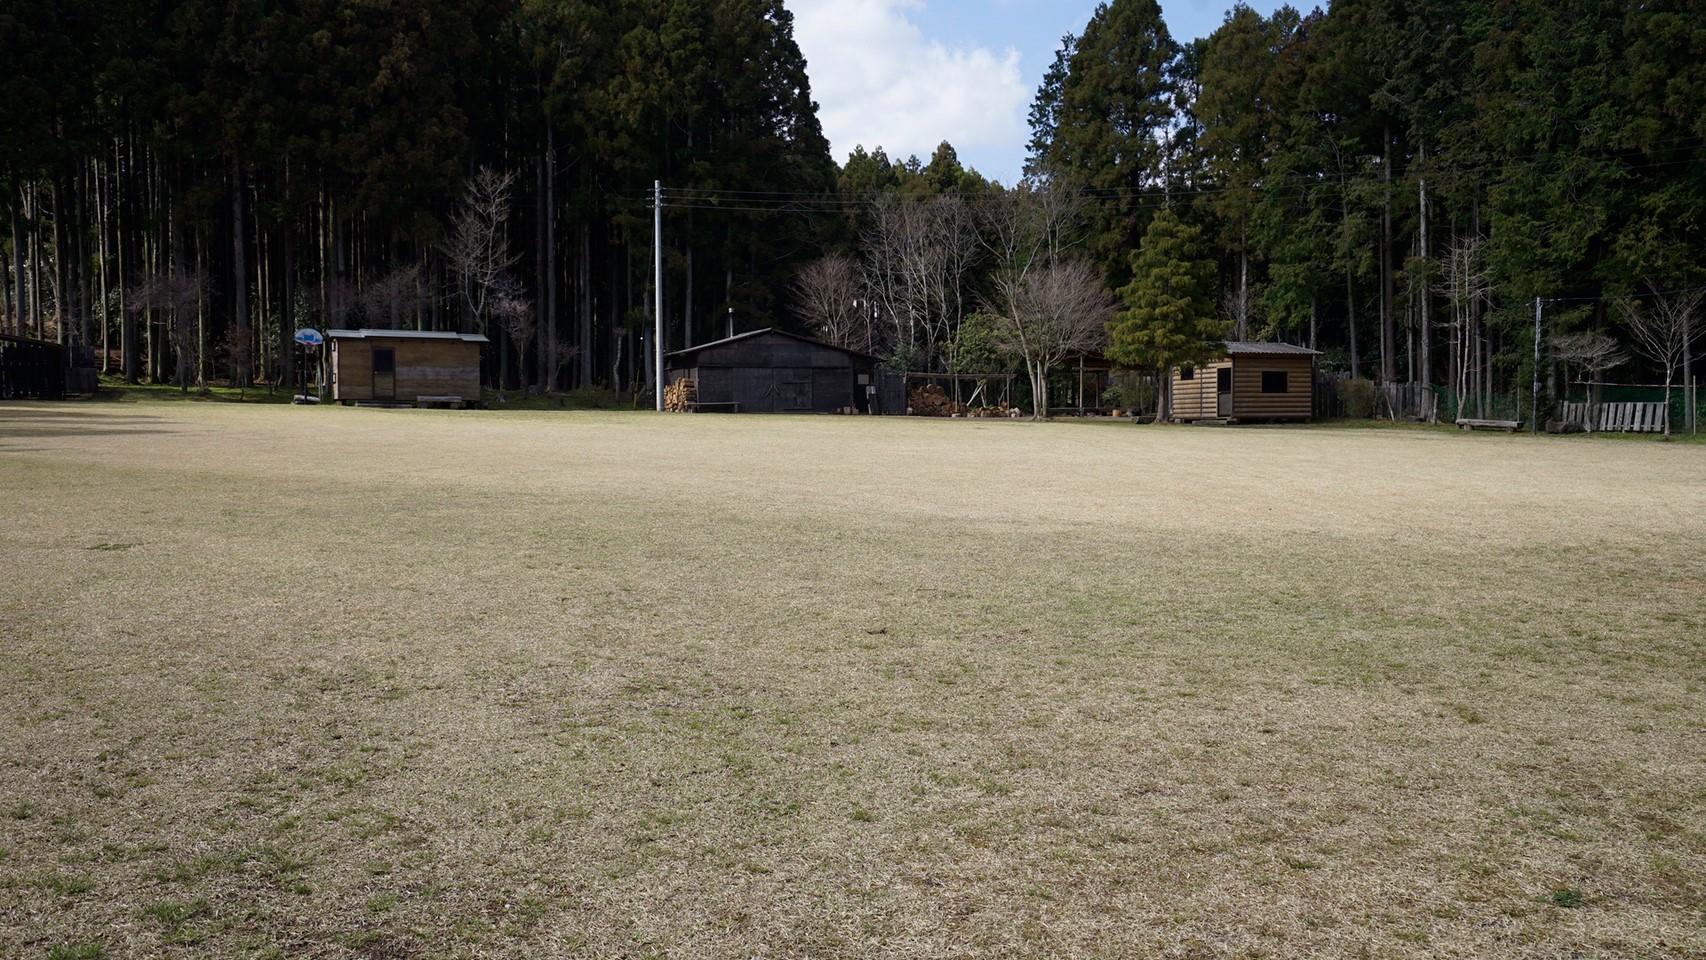 【富士を眺める隠れ家 御殿場市】『長田山荘キャンプ場』攻略ガイド(駐車場・トイレ)